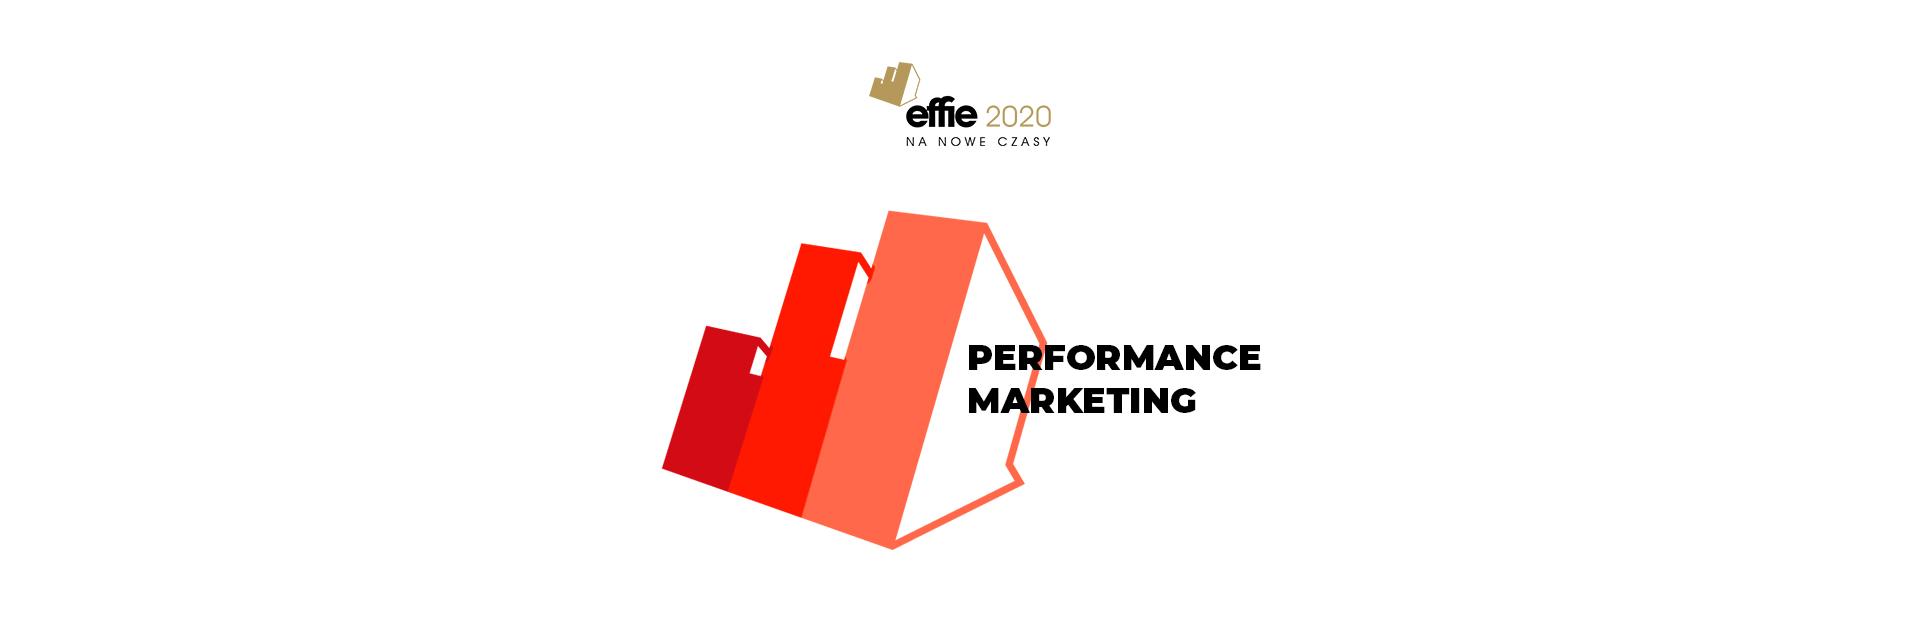 Mamy nominację Effie Poland 2020!